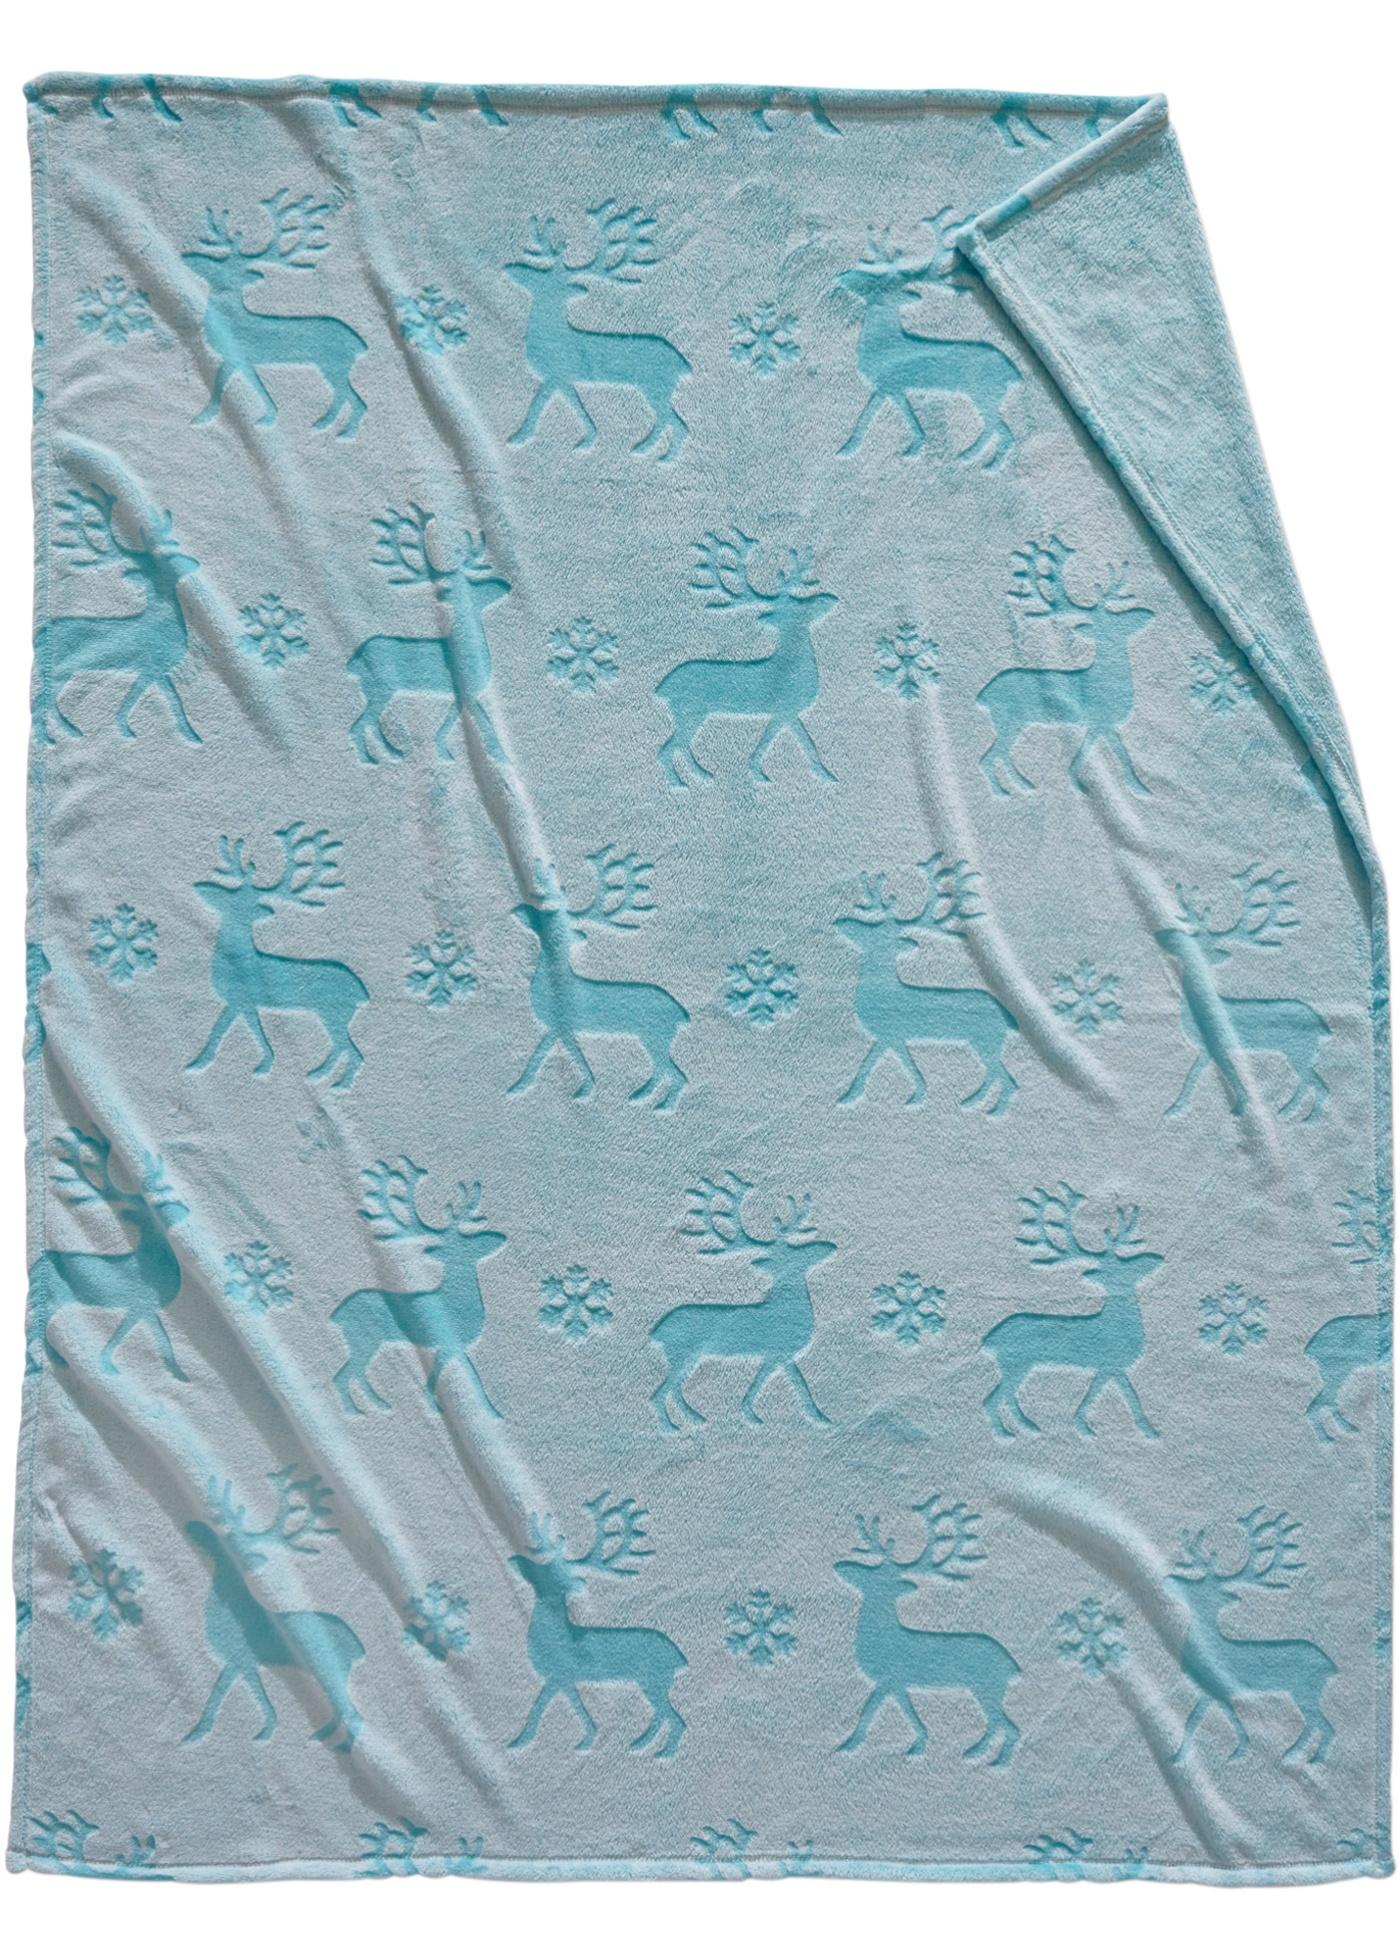 bpc living Kuscheldecke Deer in blau von bonprix Wohnen Heimtextilien Tagesdecken & Plaids